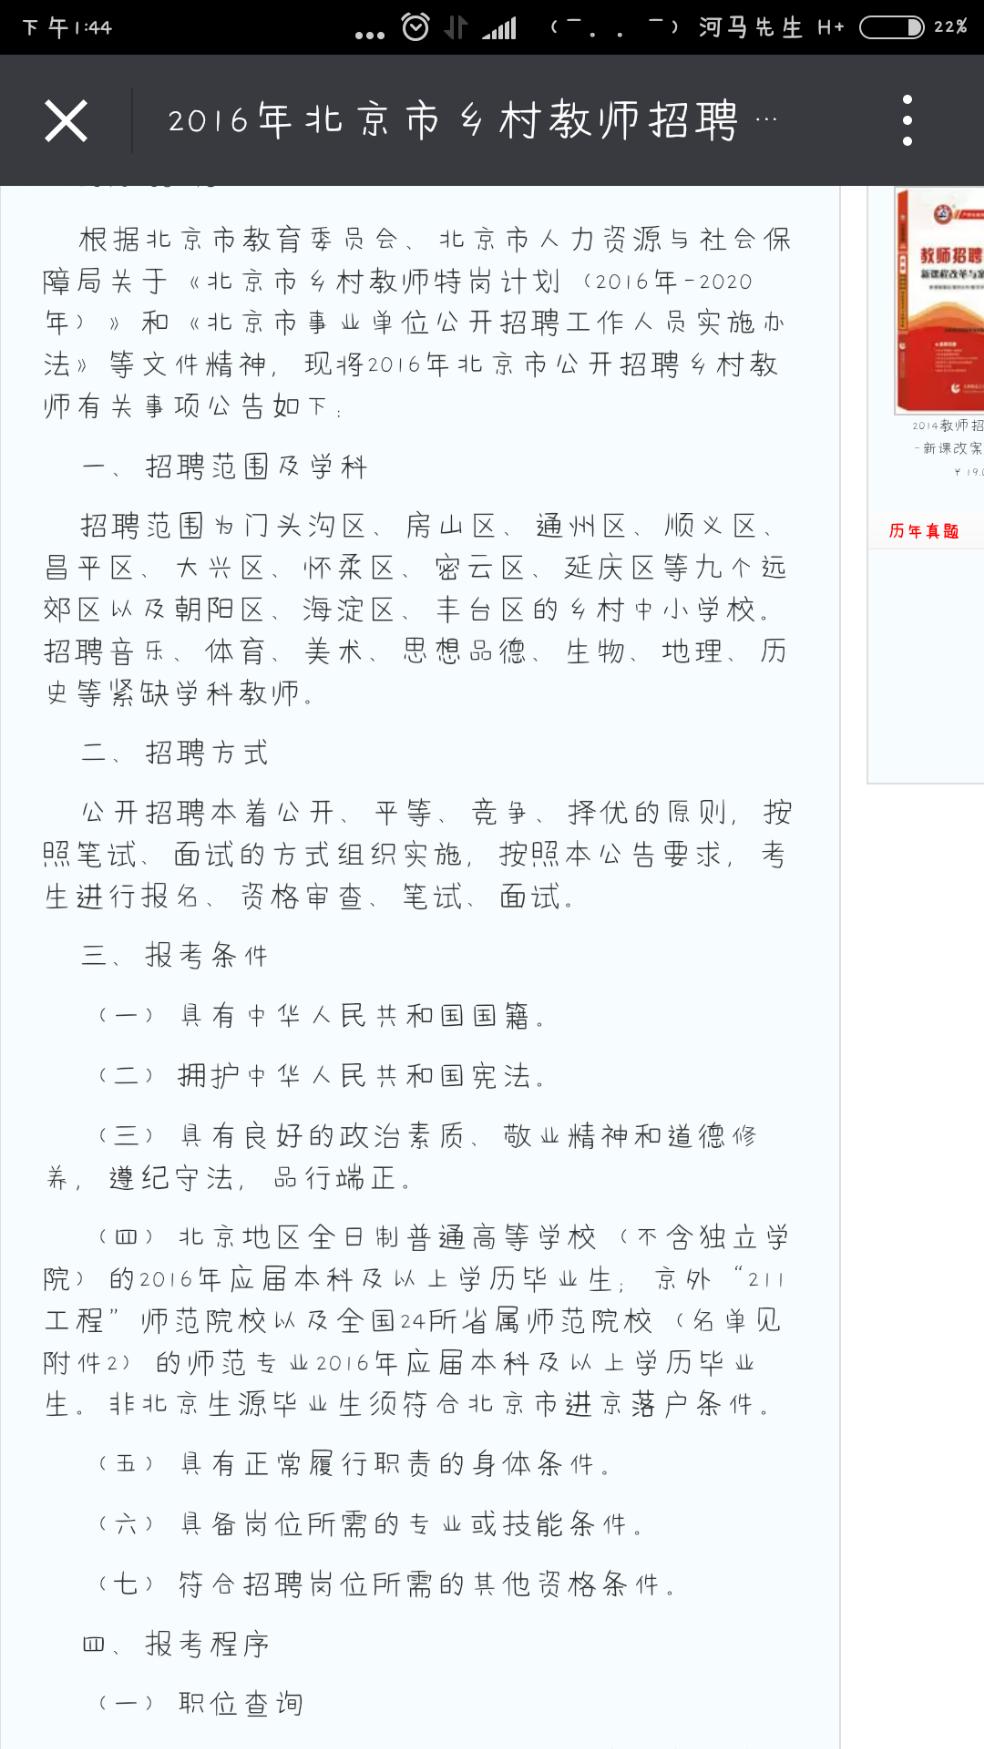 北京乡村教师招考有了解的吗? - 北京工作